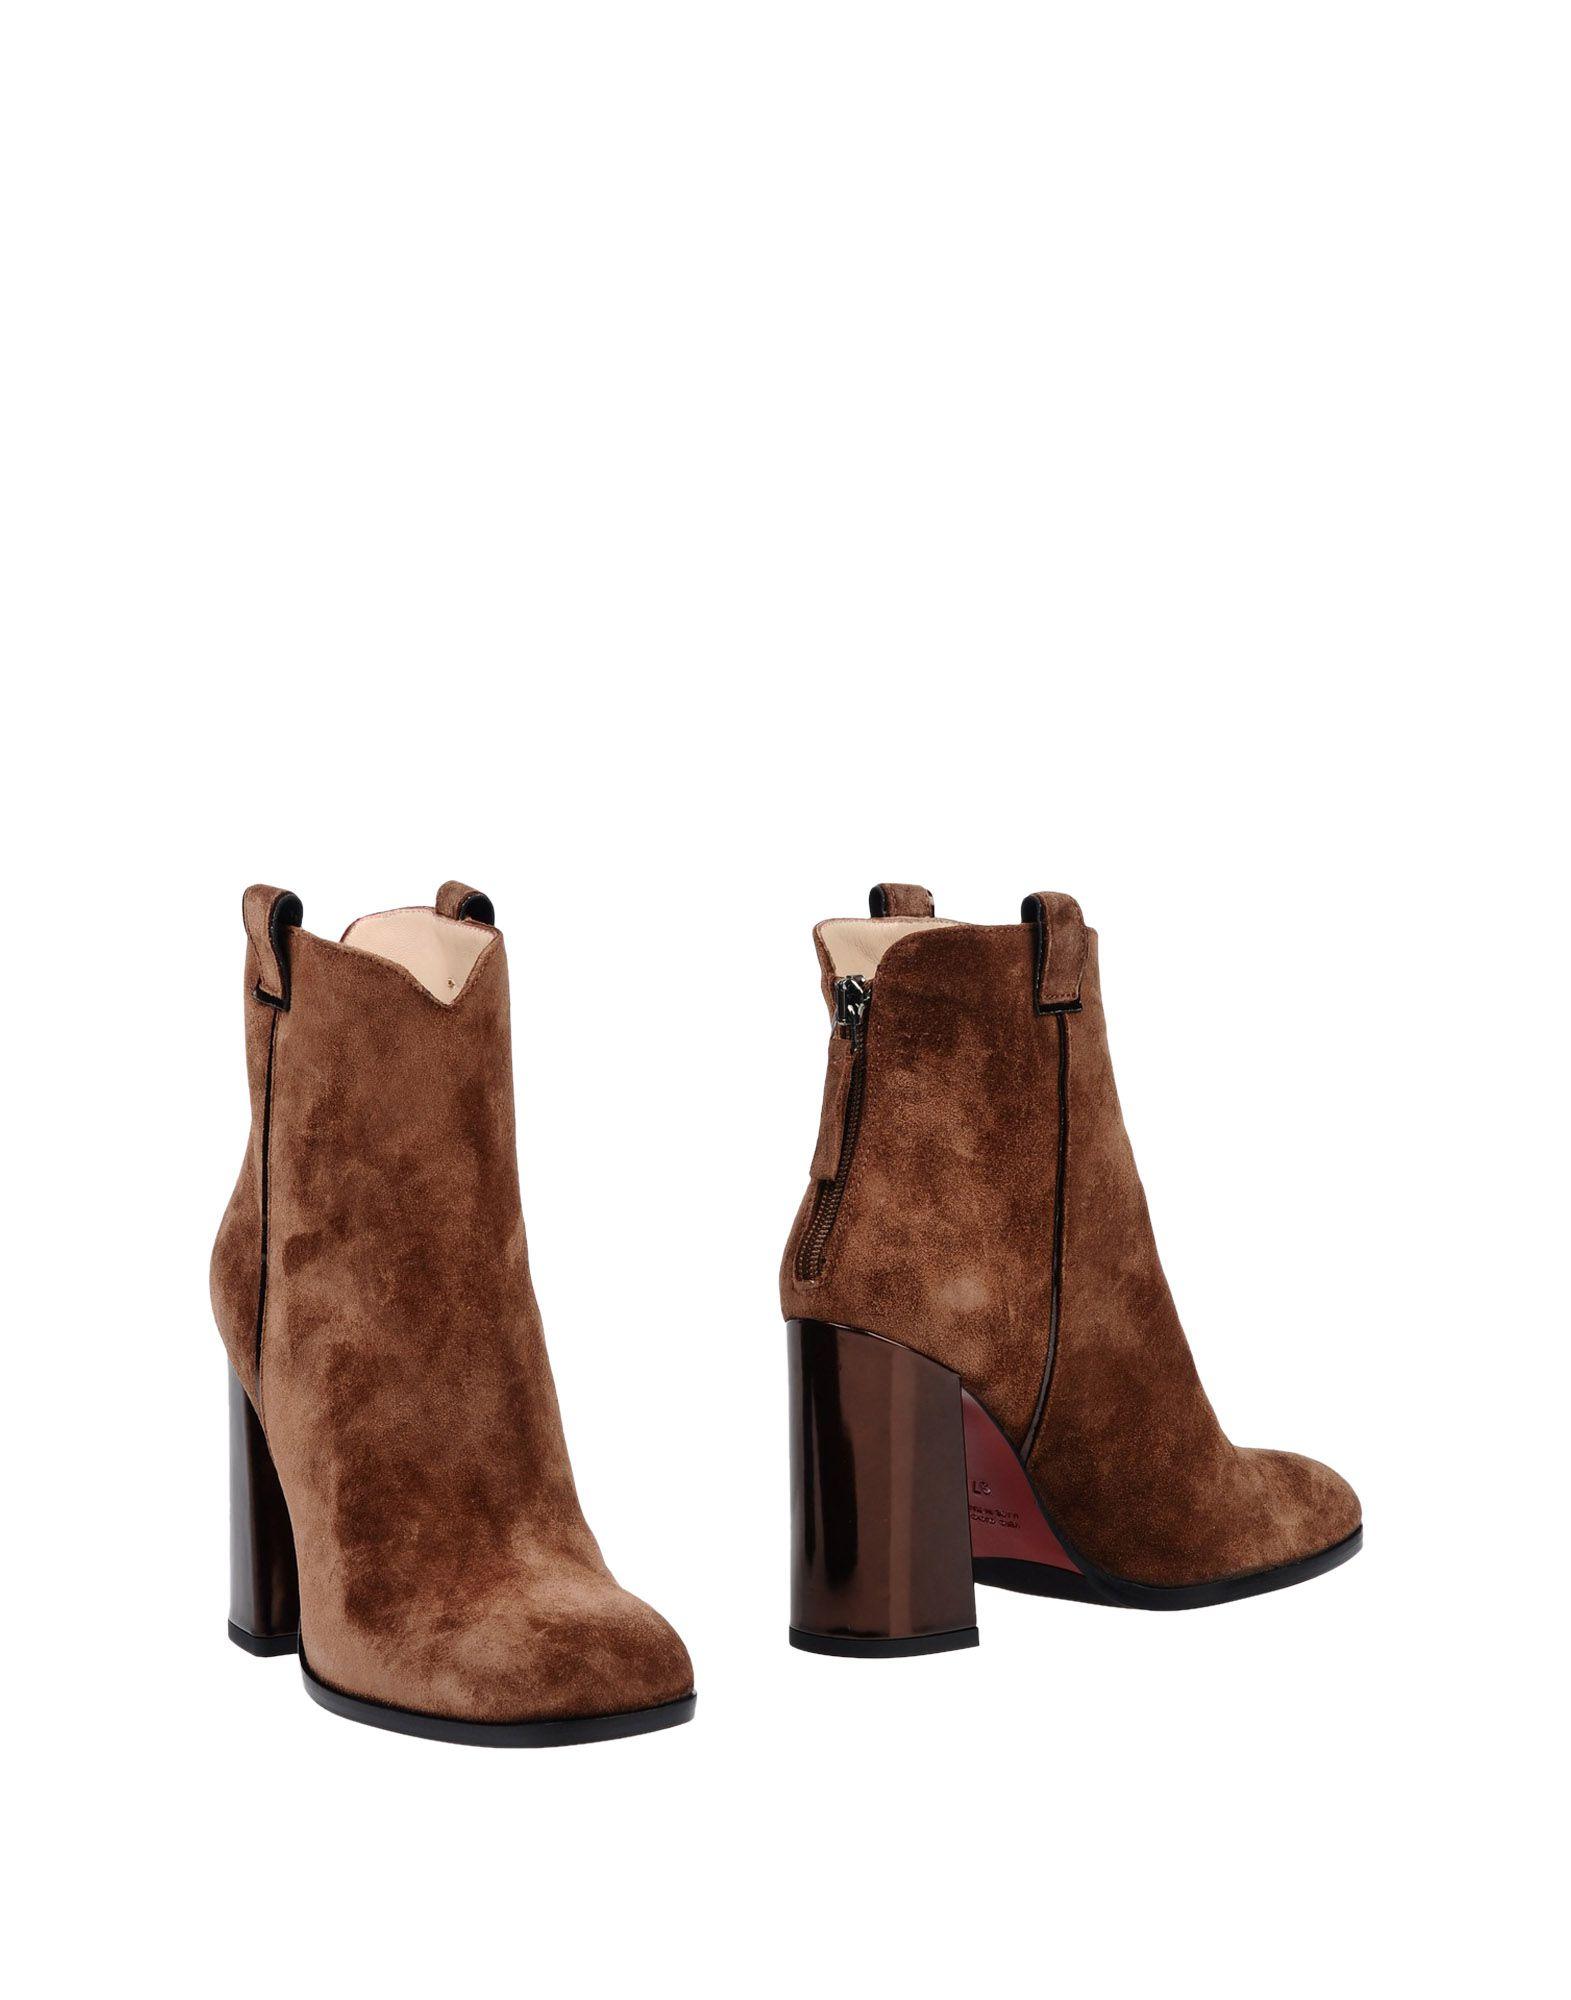 Franco Colli Stiefelette Damen  11381153CJ Gute Qualität beliebte Schuhe